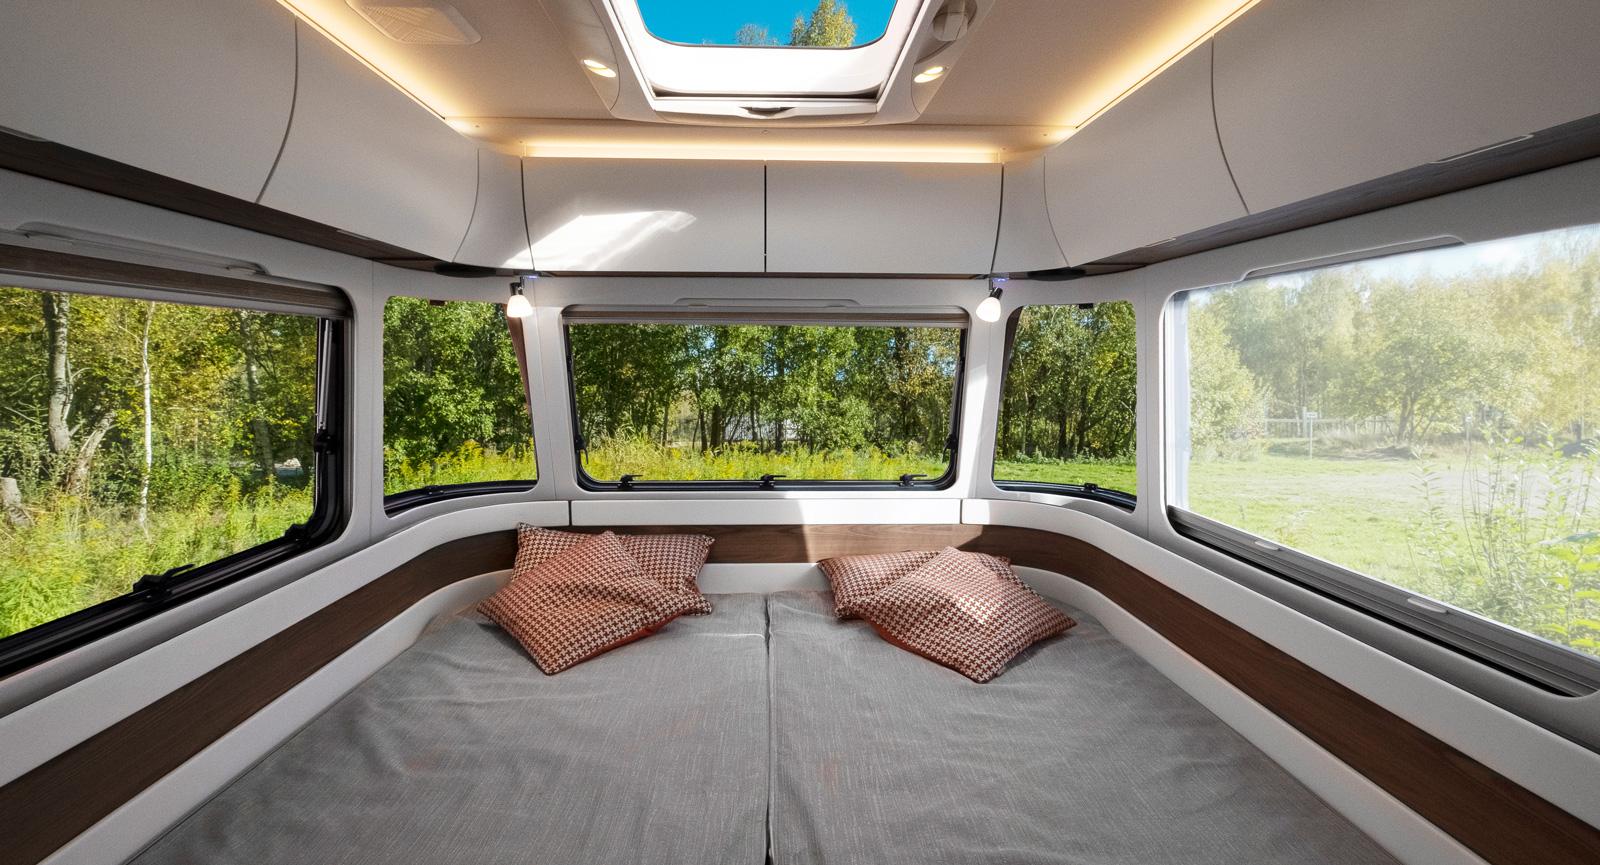 Sovrummet har en enorm atmosfär. Fönster runtom och gott om fin belysning. Sängarna kan lyftas för att nå lastutrymmet.